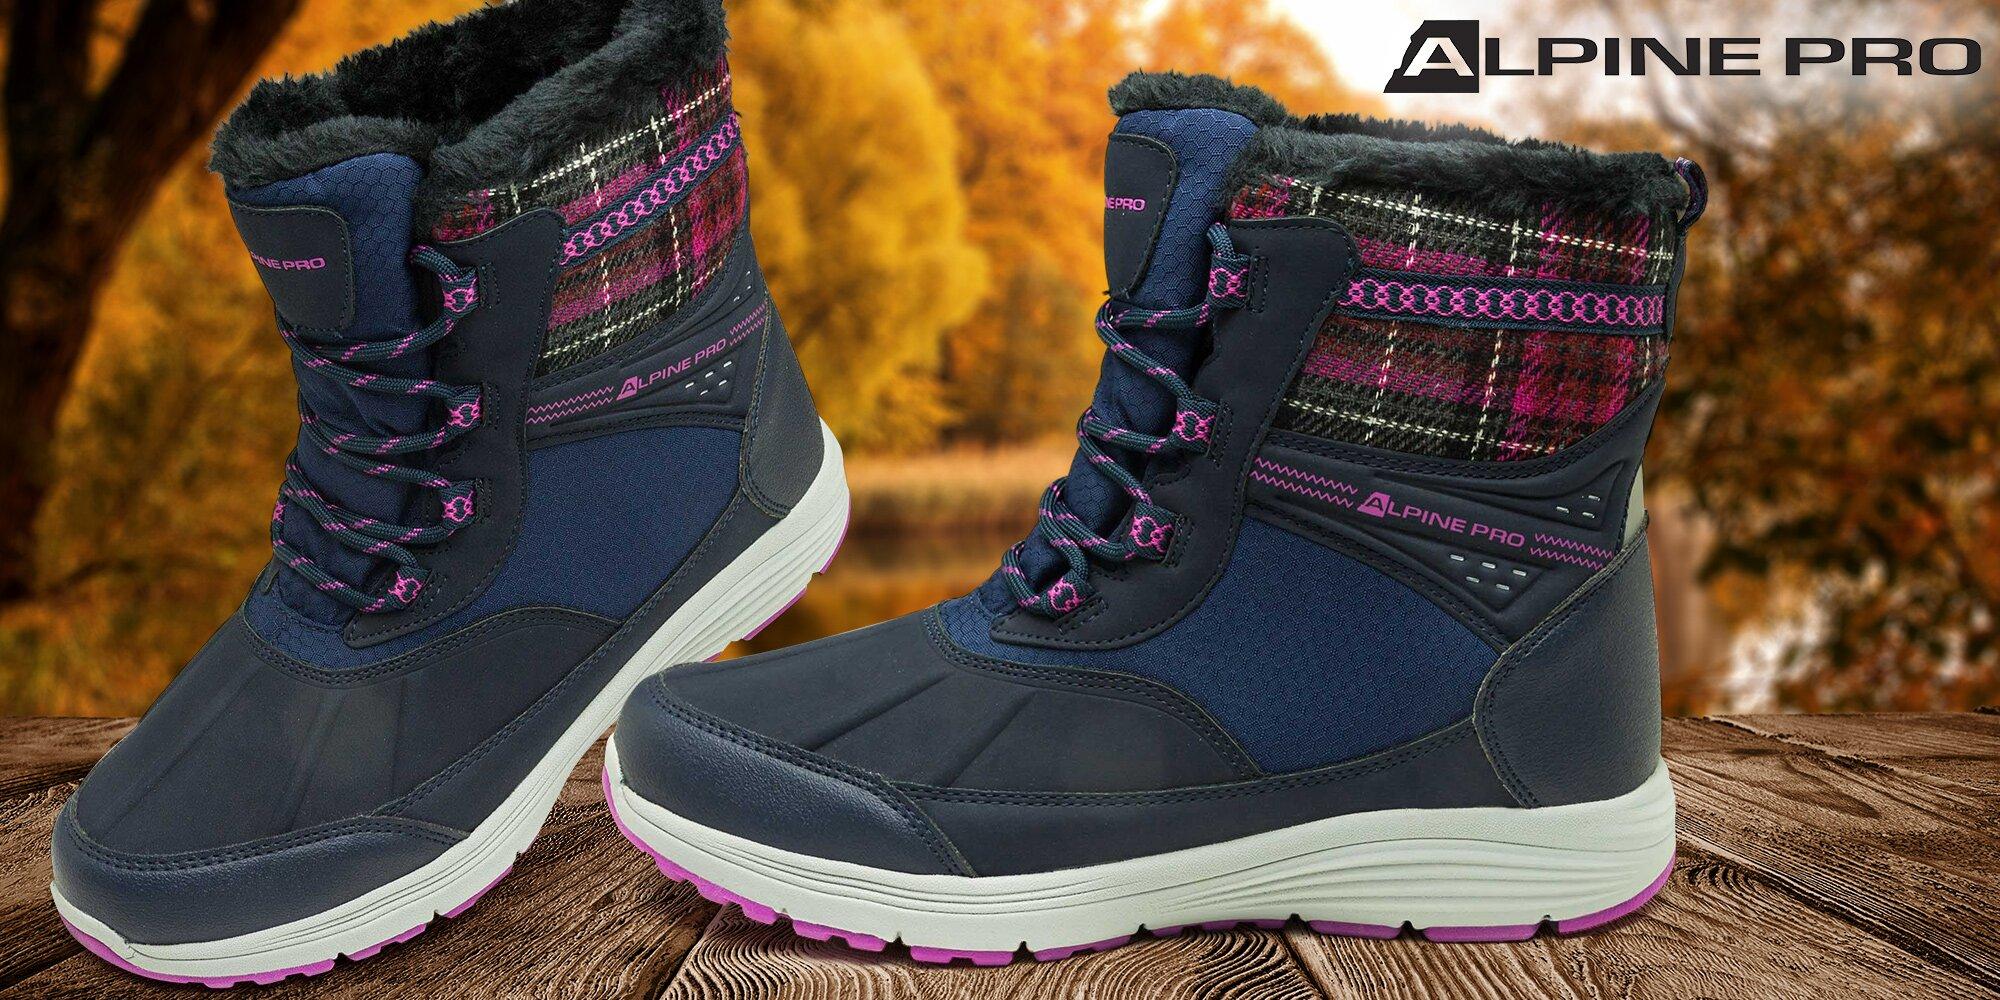 63fcebbd5a Kvalitné dámske zimné členkové topánky Alpine